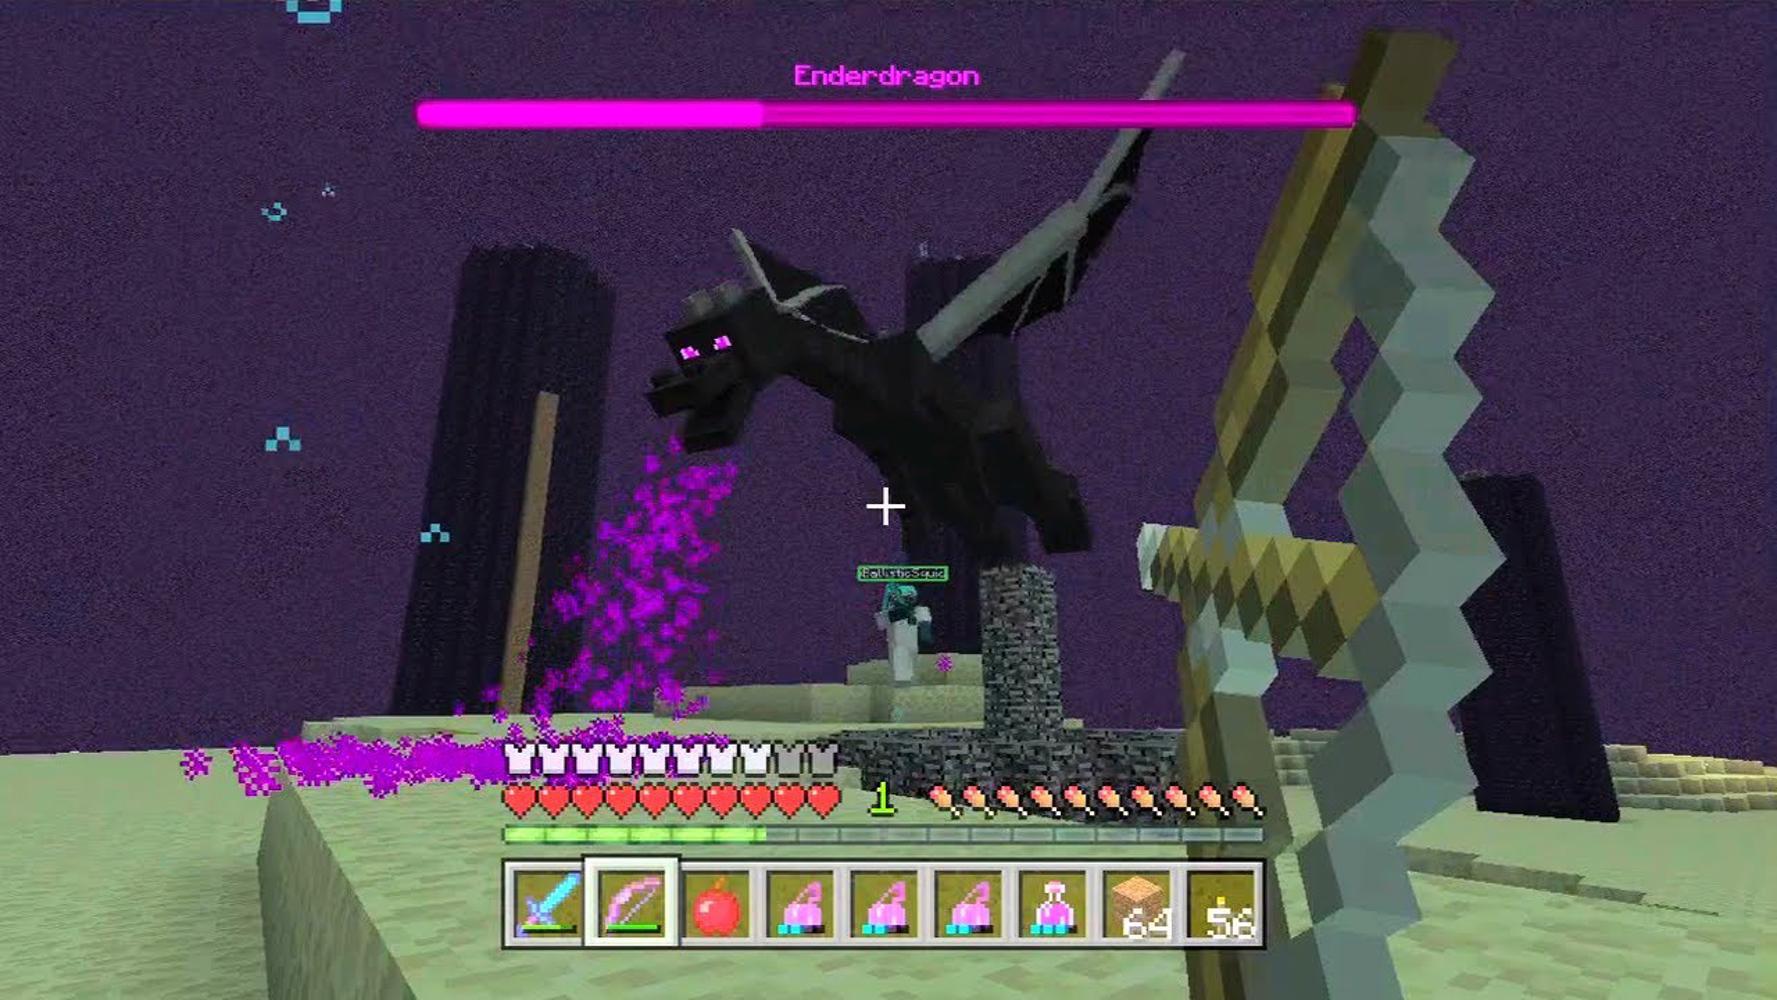 Minecraft enderdragon